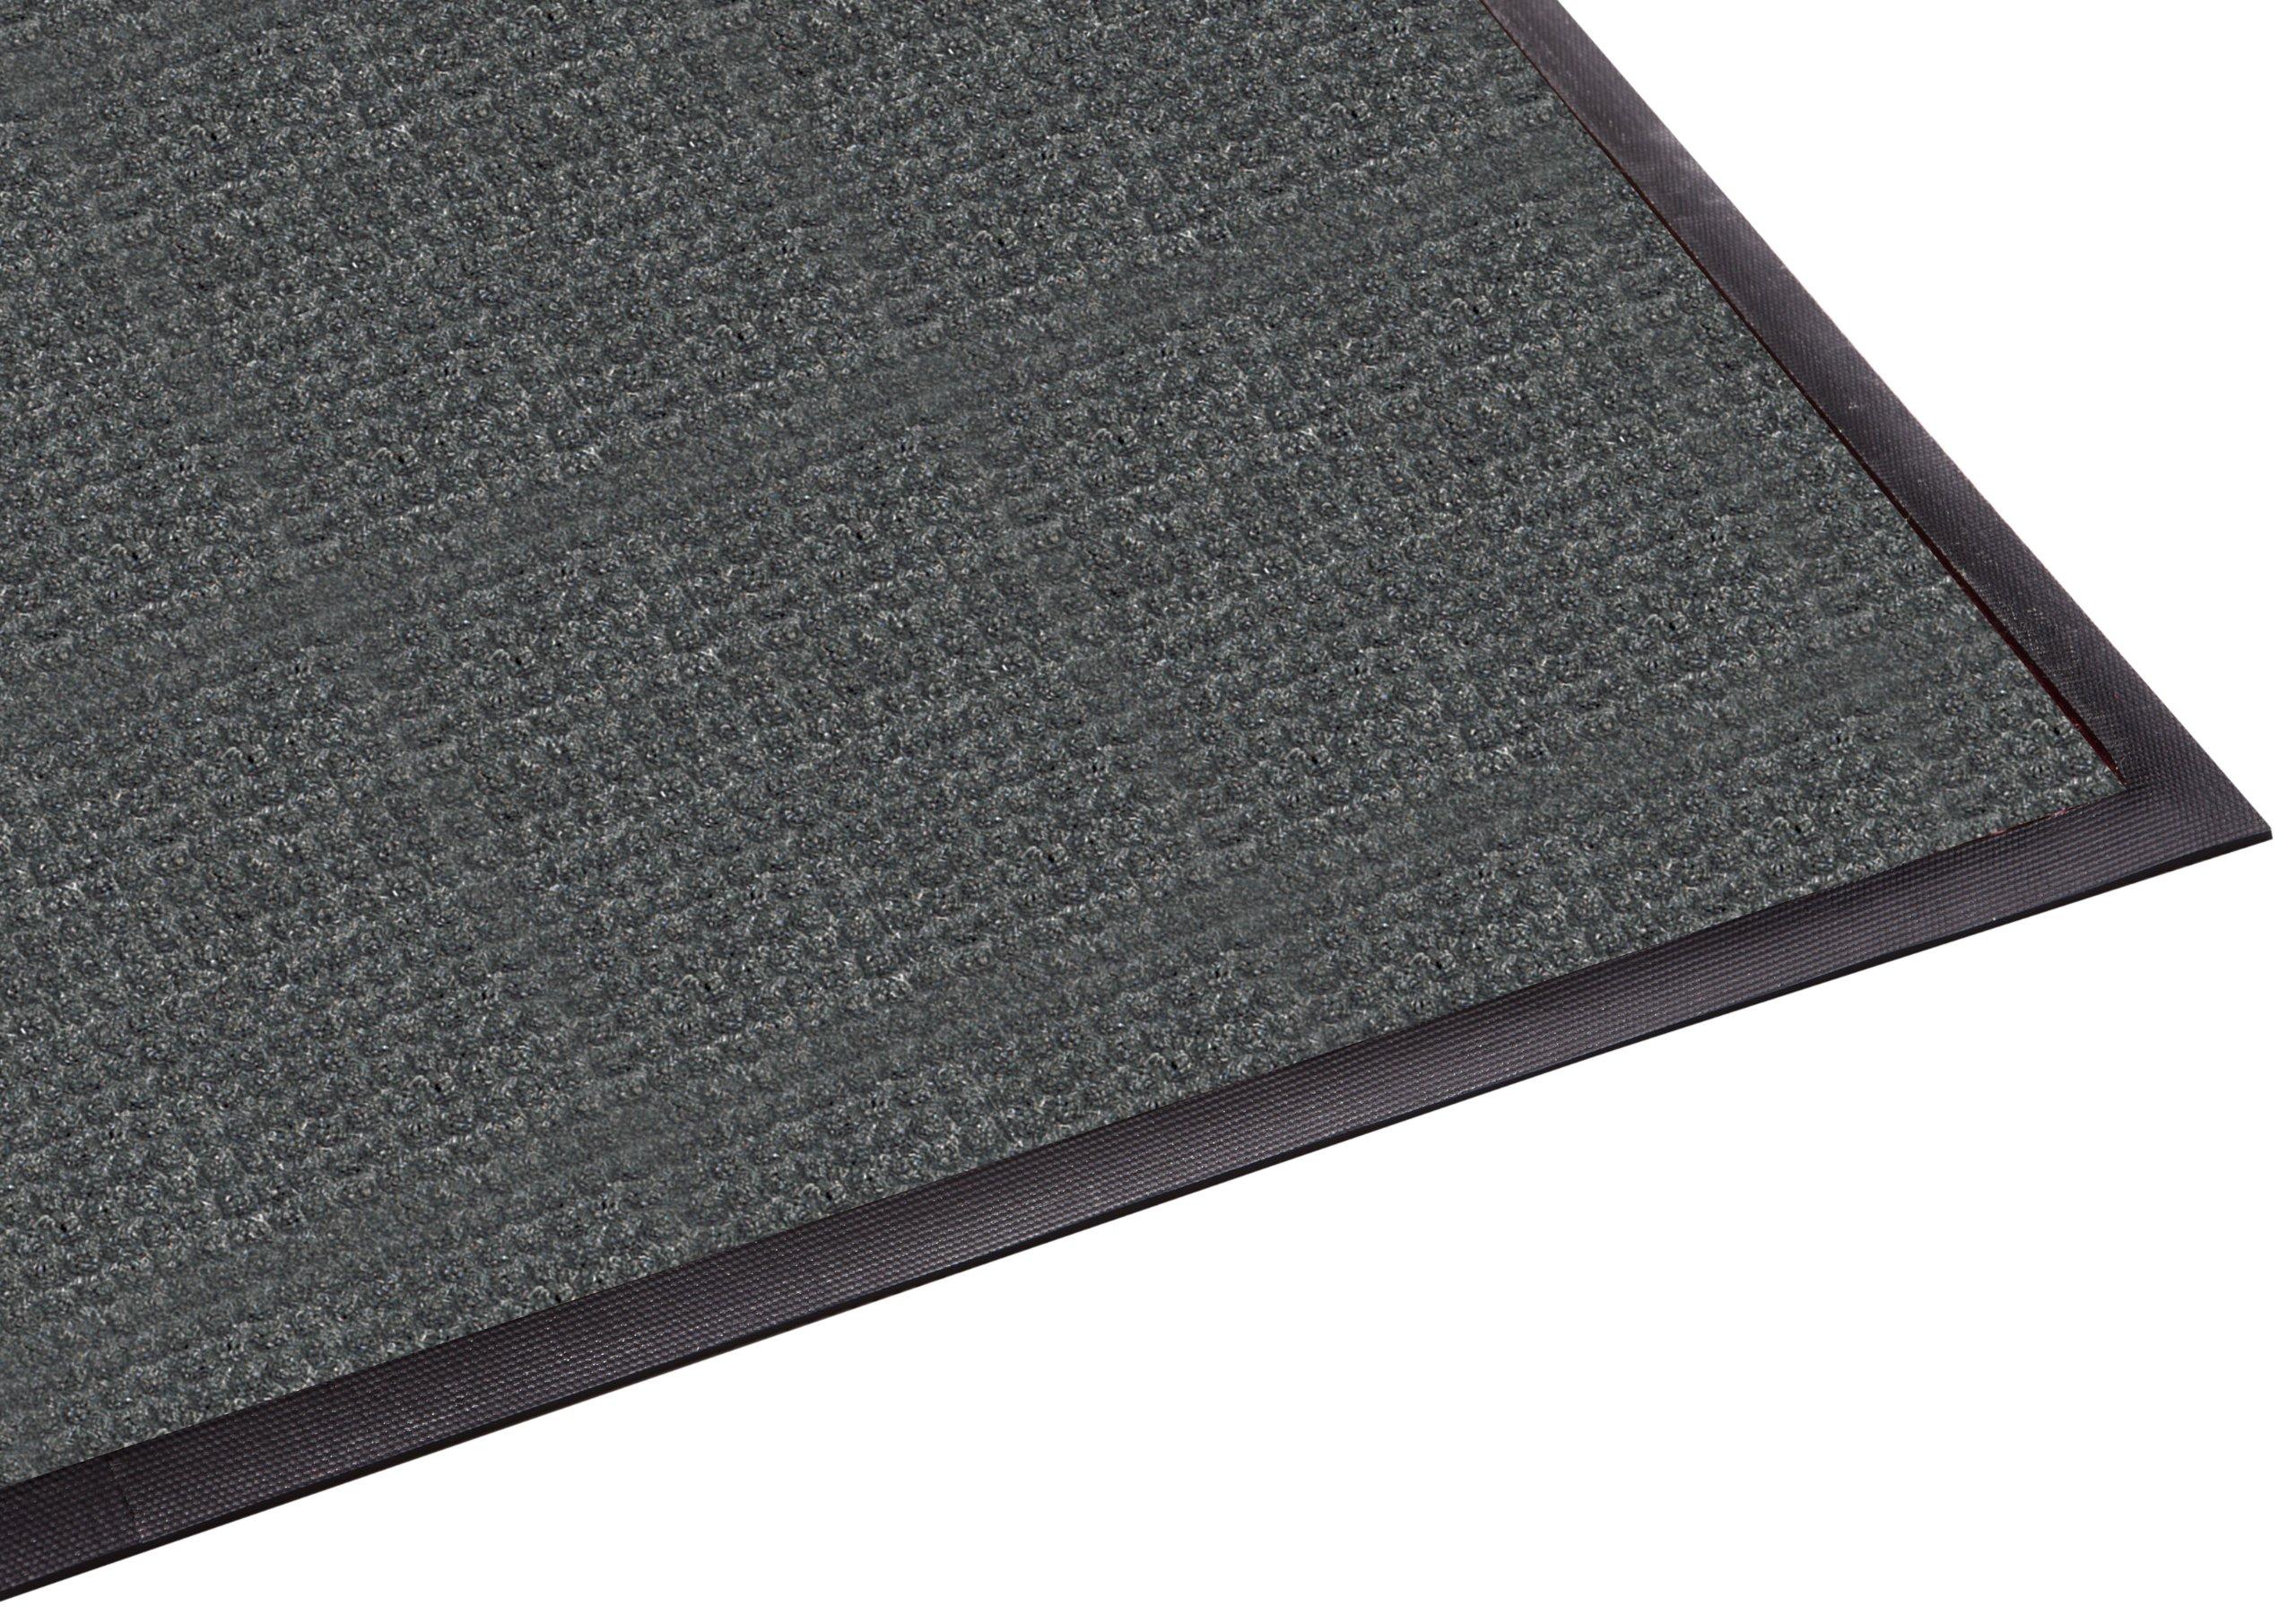 Guardian WaterGuard Indoor/Outdoor Wiper Scraper Floor Mat, Rubber/Nylon, 3'x20', Charcoal